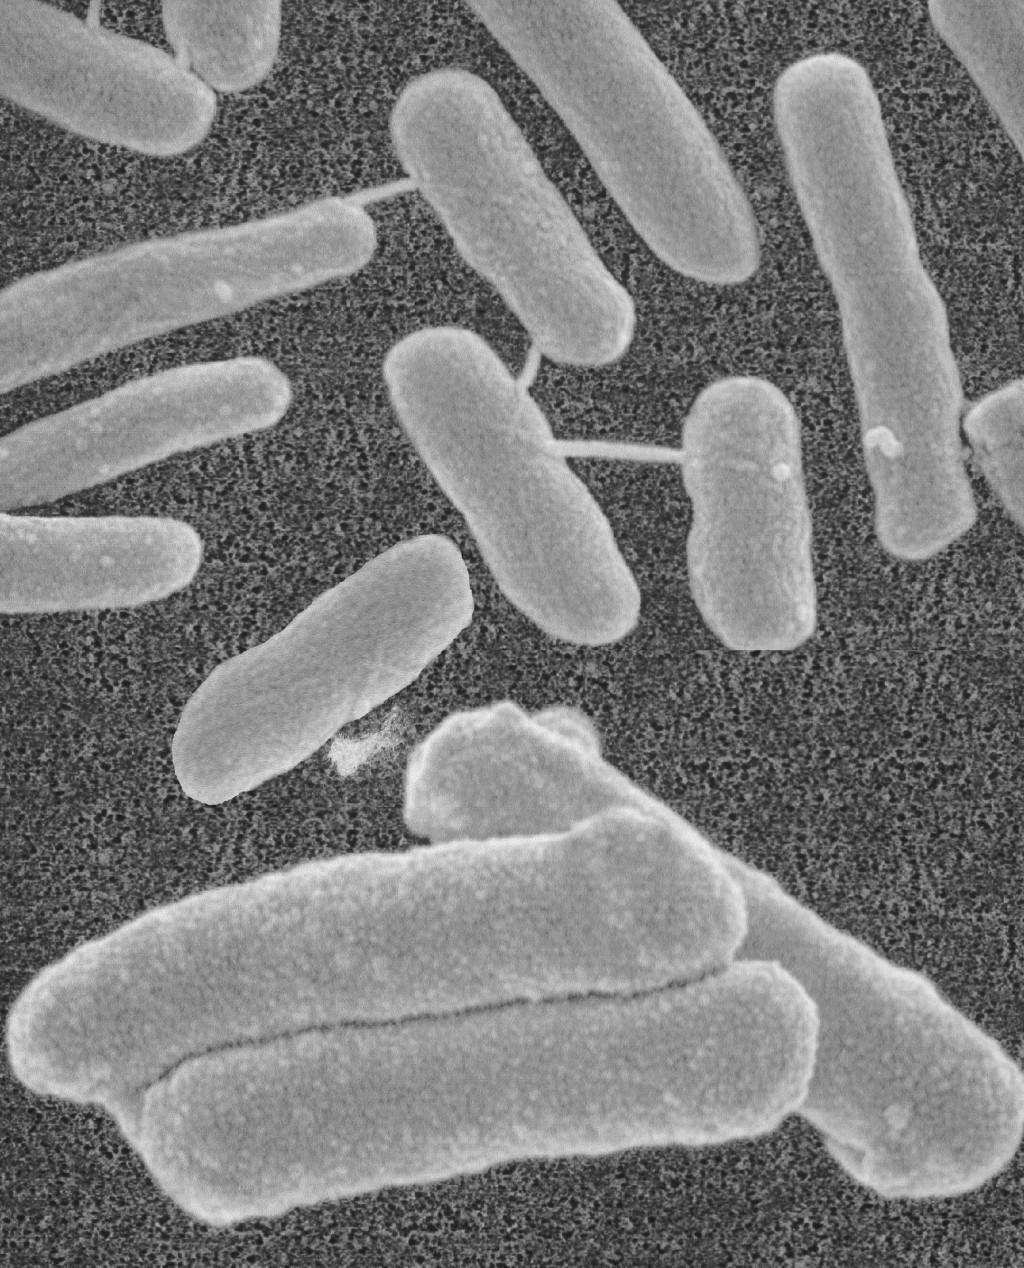 Als natürlicher Bestandteil des Bodens kommen Legionellen in geringen Konzentrationen in jeder Wasserversorgung vor. Sie können sich nur im Inneren eines Biofilms vermehren, sind auf bestimmte Aminosäuregruppen aus toten Zellen angewiesen und überleben im Inneren des Biofilms auch Temperaturen von >70 °C und chem. Desinfektionsmittel. Bild: Seccua GmbH